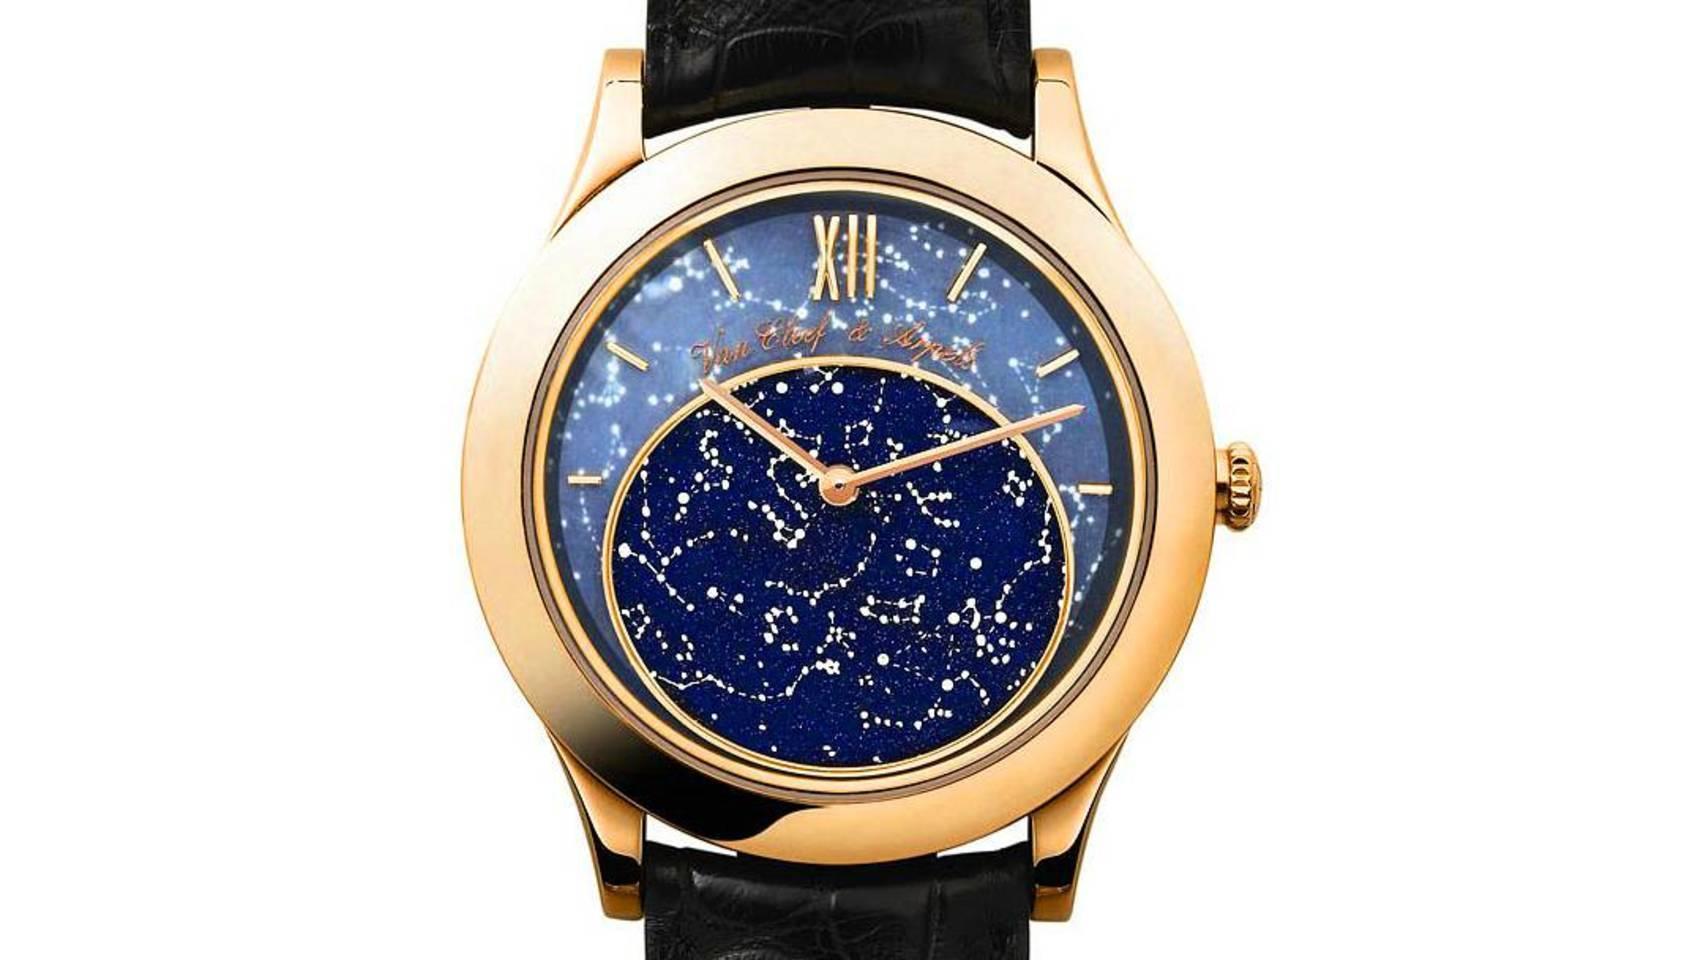 """El modelo """"Midnight in Paris""""  de la marca Van Cleef & Arpels recrea con precisión el aspecto del cielo estrellado en la capital francesa."""